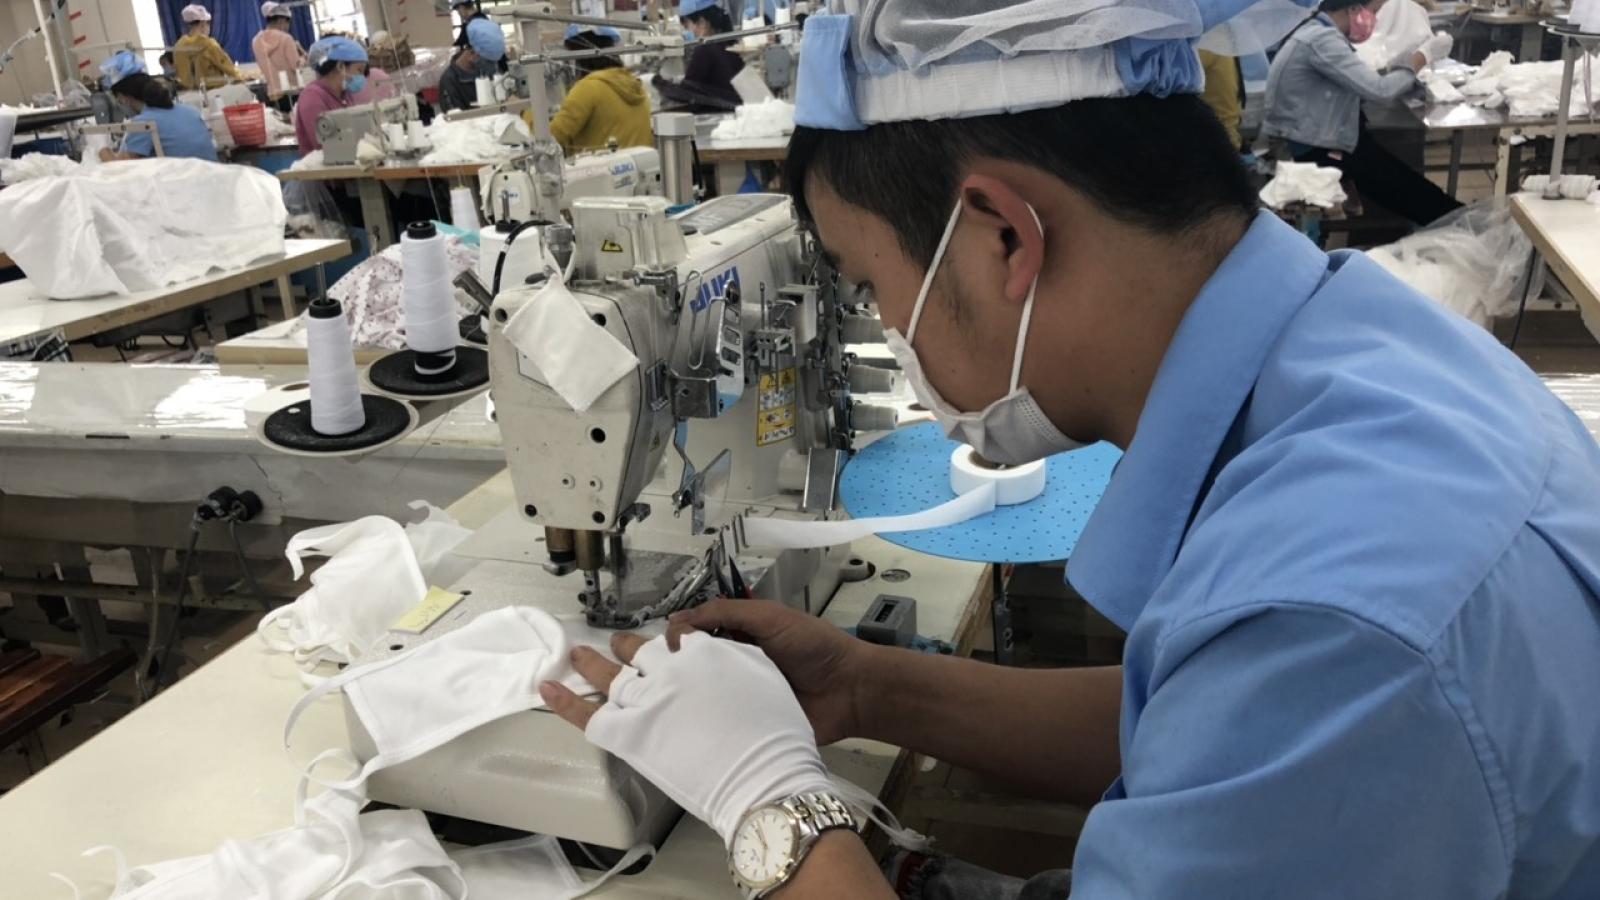 Lo lương thưởng Tết giảm, lao động loay hoay tìm việc làm thêm